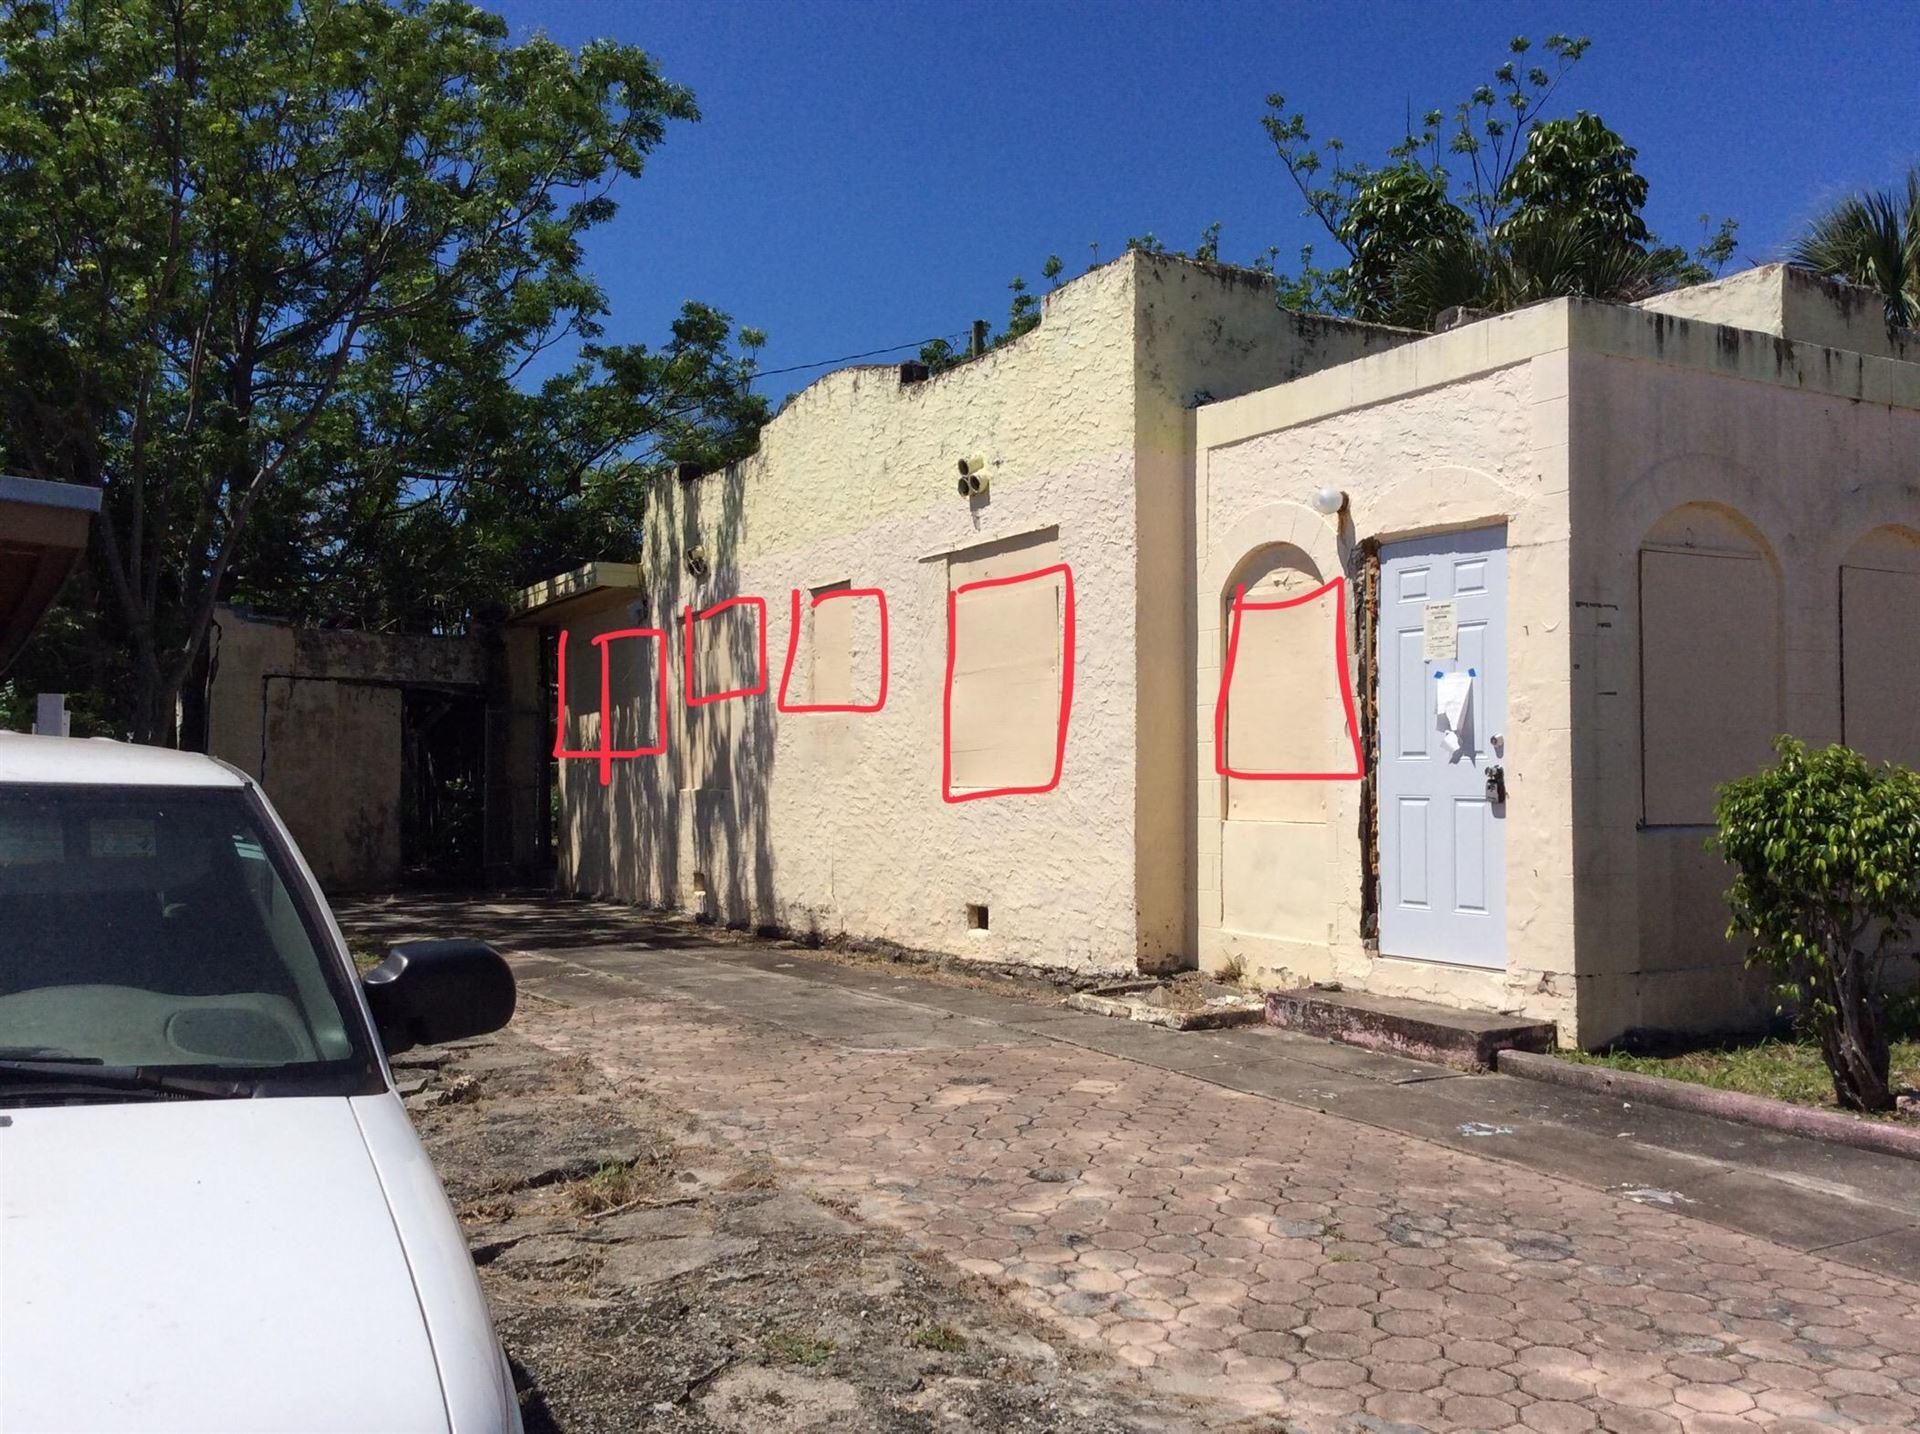 Photo of 1119 W 26th Street, Riviera Beach, FL 33404 (MLS # RX-10671251)